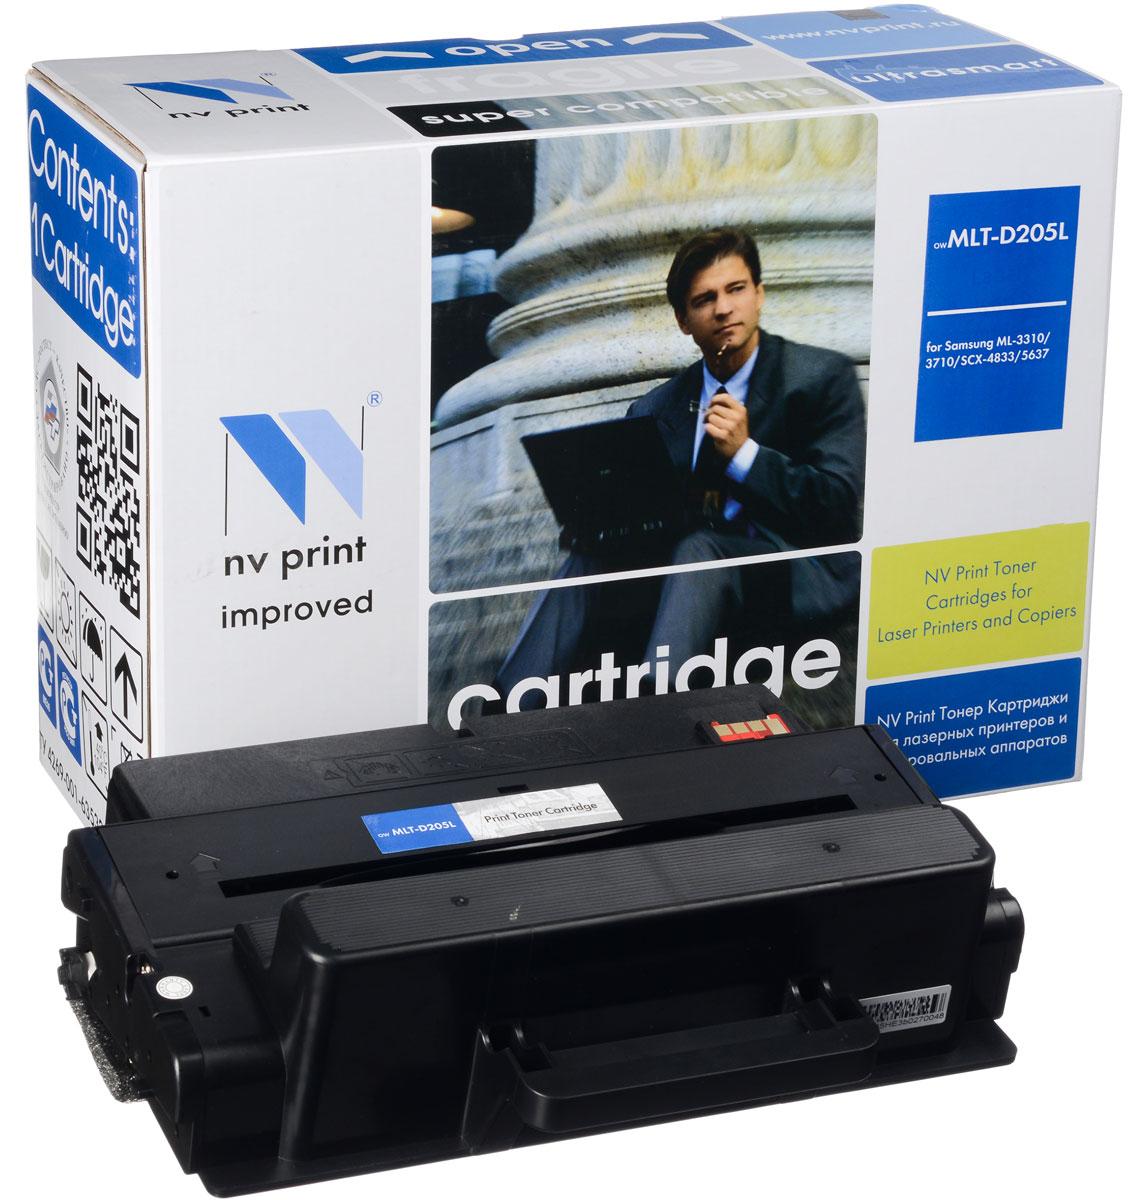 NV Print NV-MLTD205L, Black тонер-картридж для Samsung ML-3310/ML-3710/SCX-4833/SCX-5637NV-MLTD205LСовместимый лазерный картридж NV Print NV-MLTD205L для печатающих устройств Samsung - это альтернатива приобретению оригинальных расходных материалов. При этом качество печати остается высоким. Картридж обеспечивает повышенную чёткость чёрного текста и плавность переходов оттенков серого цвета и полутонов, позволяет отображать мельчайшие детали изображения. Лазерные принтеры, копировальные аппараты и МФУ являются более выгодными в печати, чем струйные устройства, так как лазерных картриджей хватает на значительно большее количество отпечатков, чем обычных. Для печати в данном случае используются не чернила, а тонер.